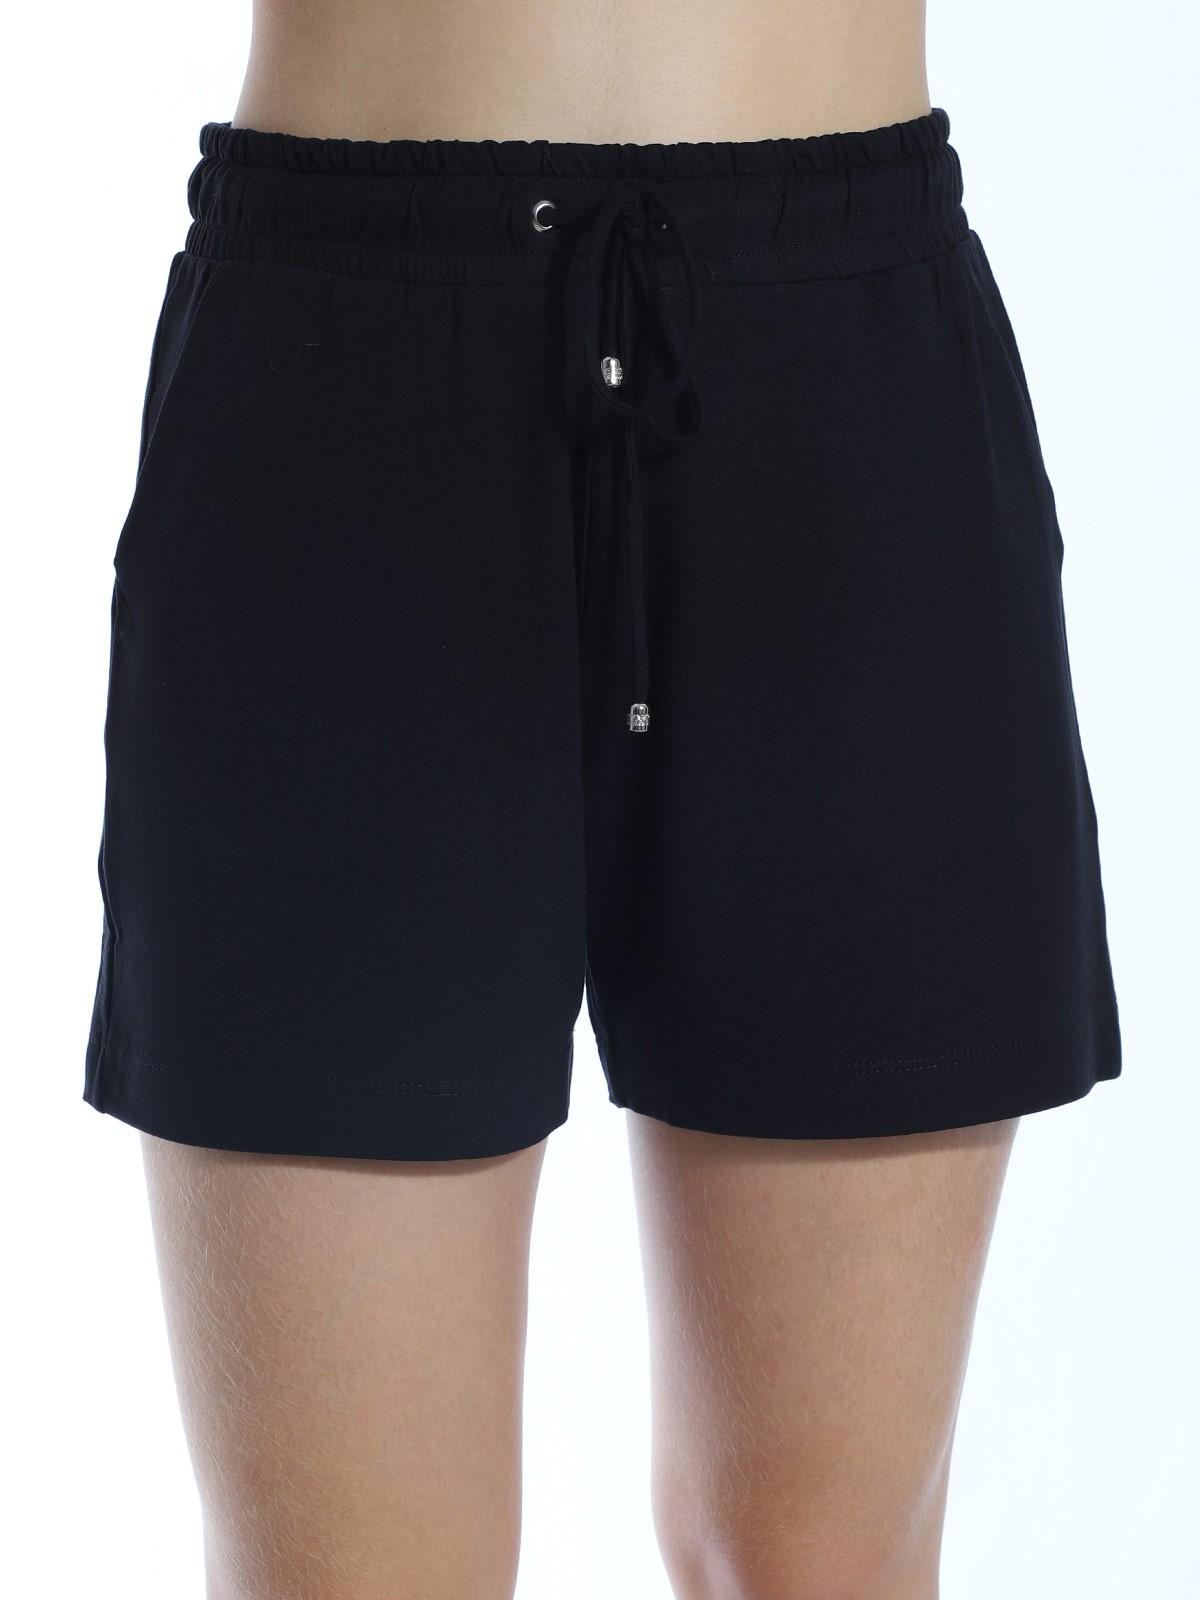 Shorts De Moletinho Com Lycra Anistia Preto